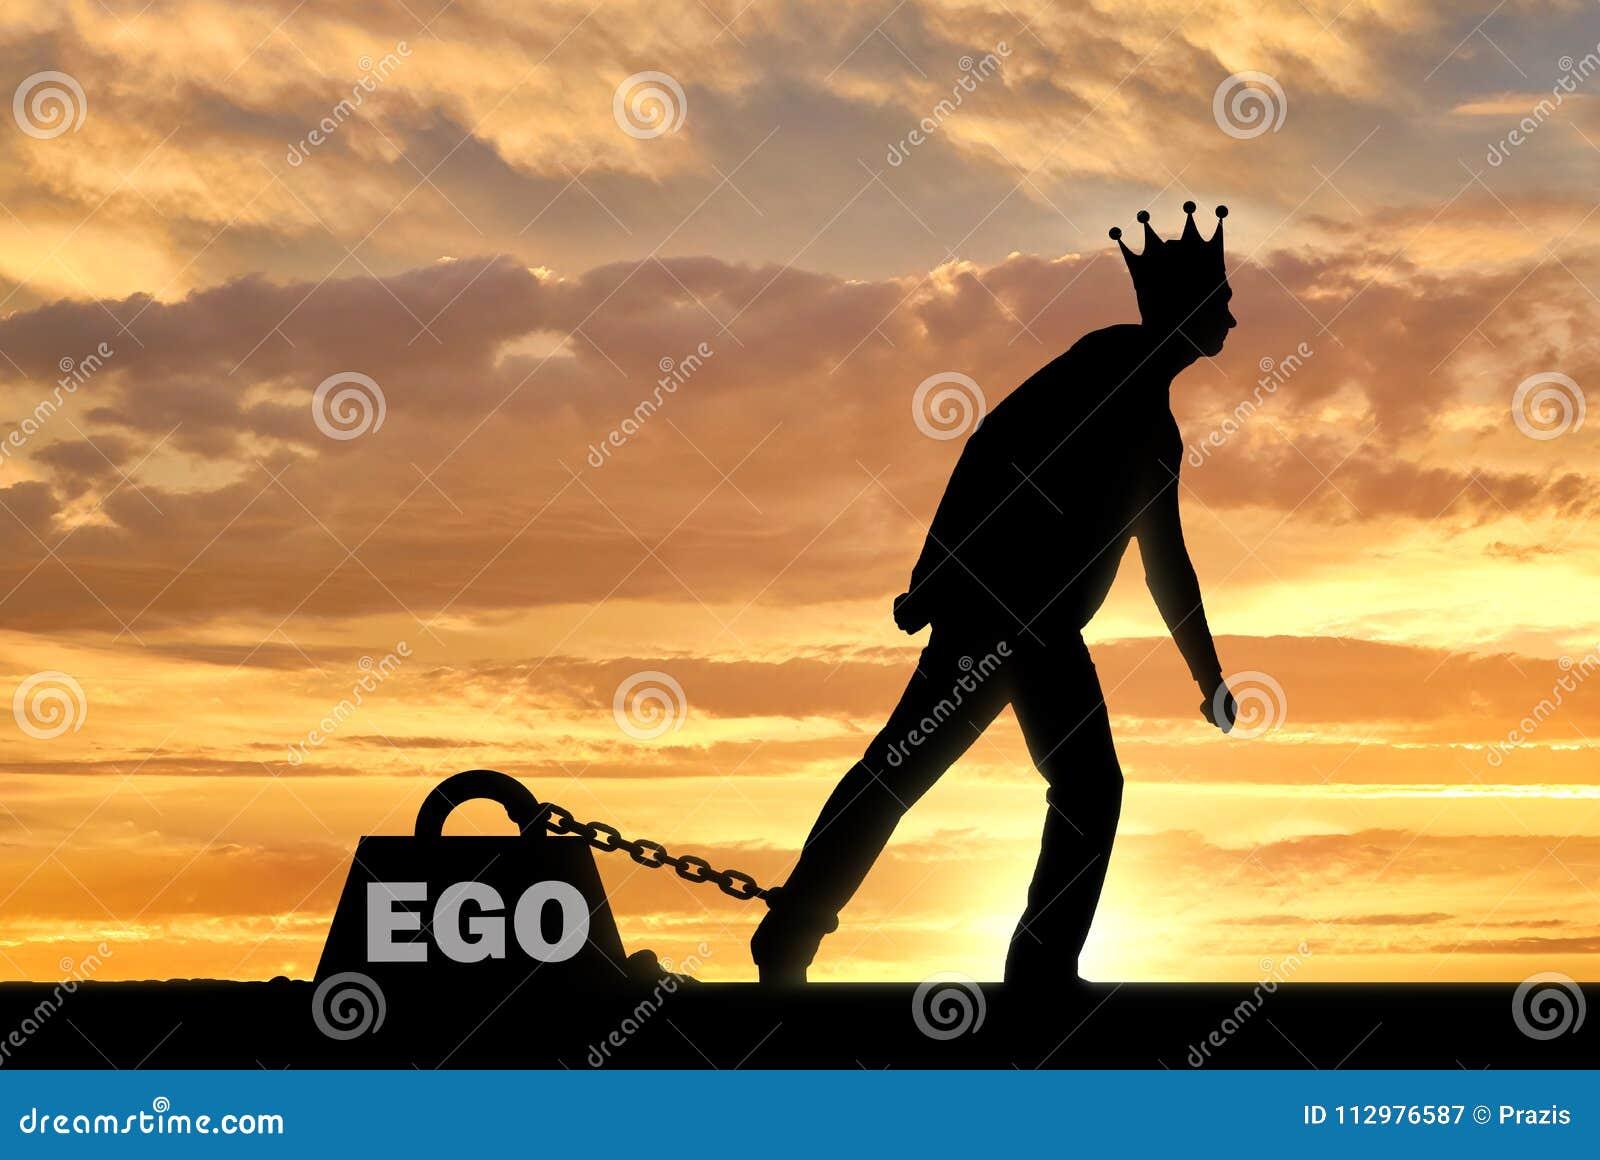 Un vivre egoiste avec L'égoïsme dans